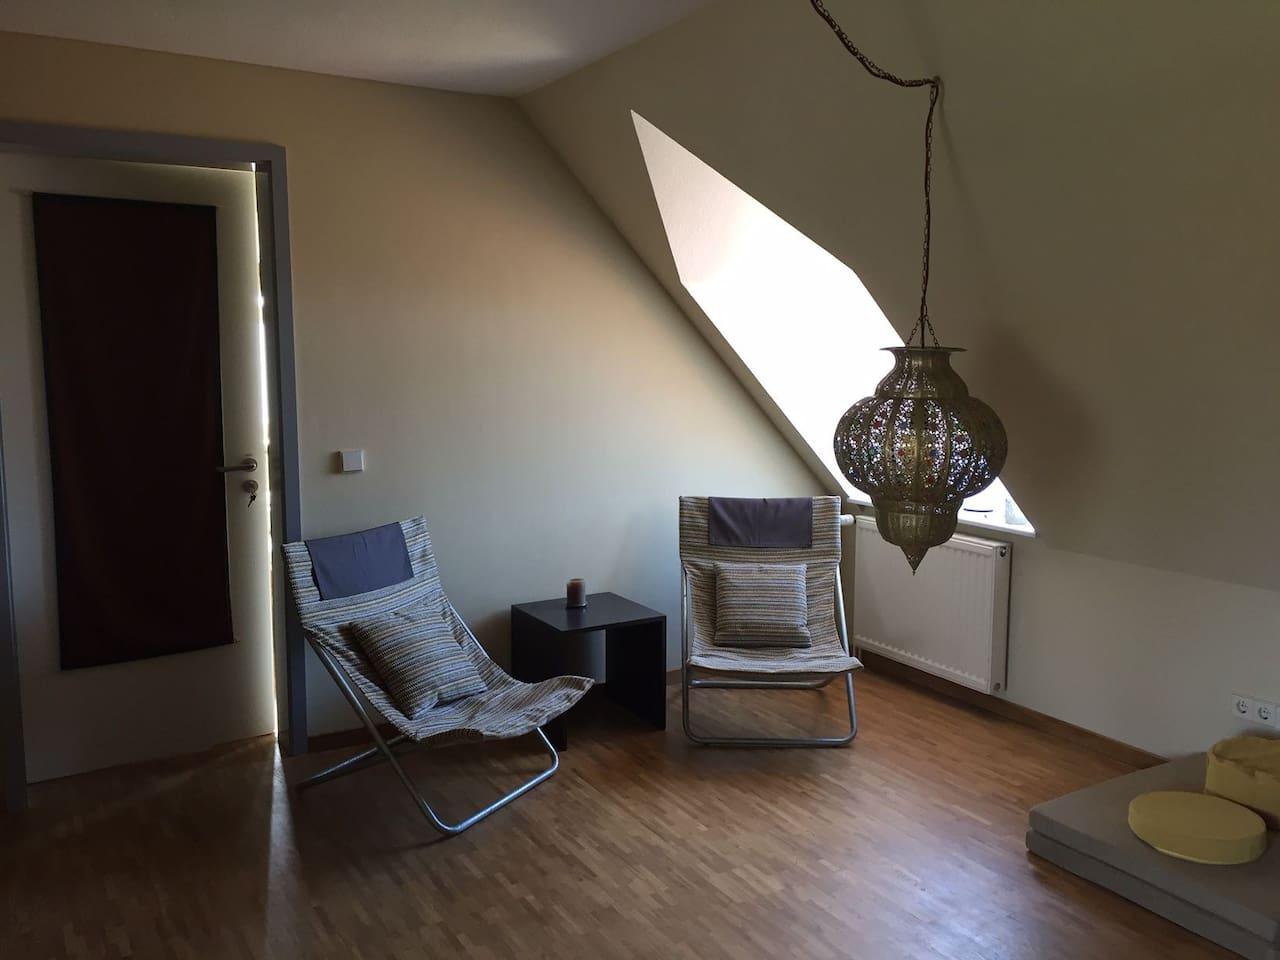 Sitzgelegenheiten in der Lounge